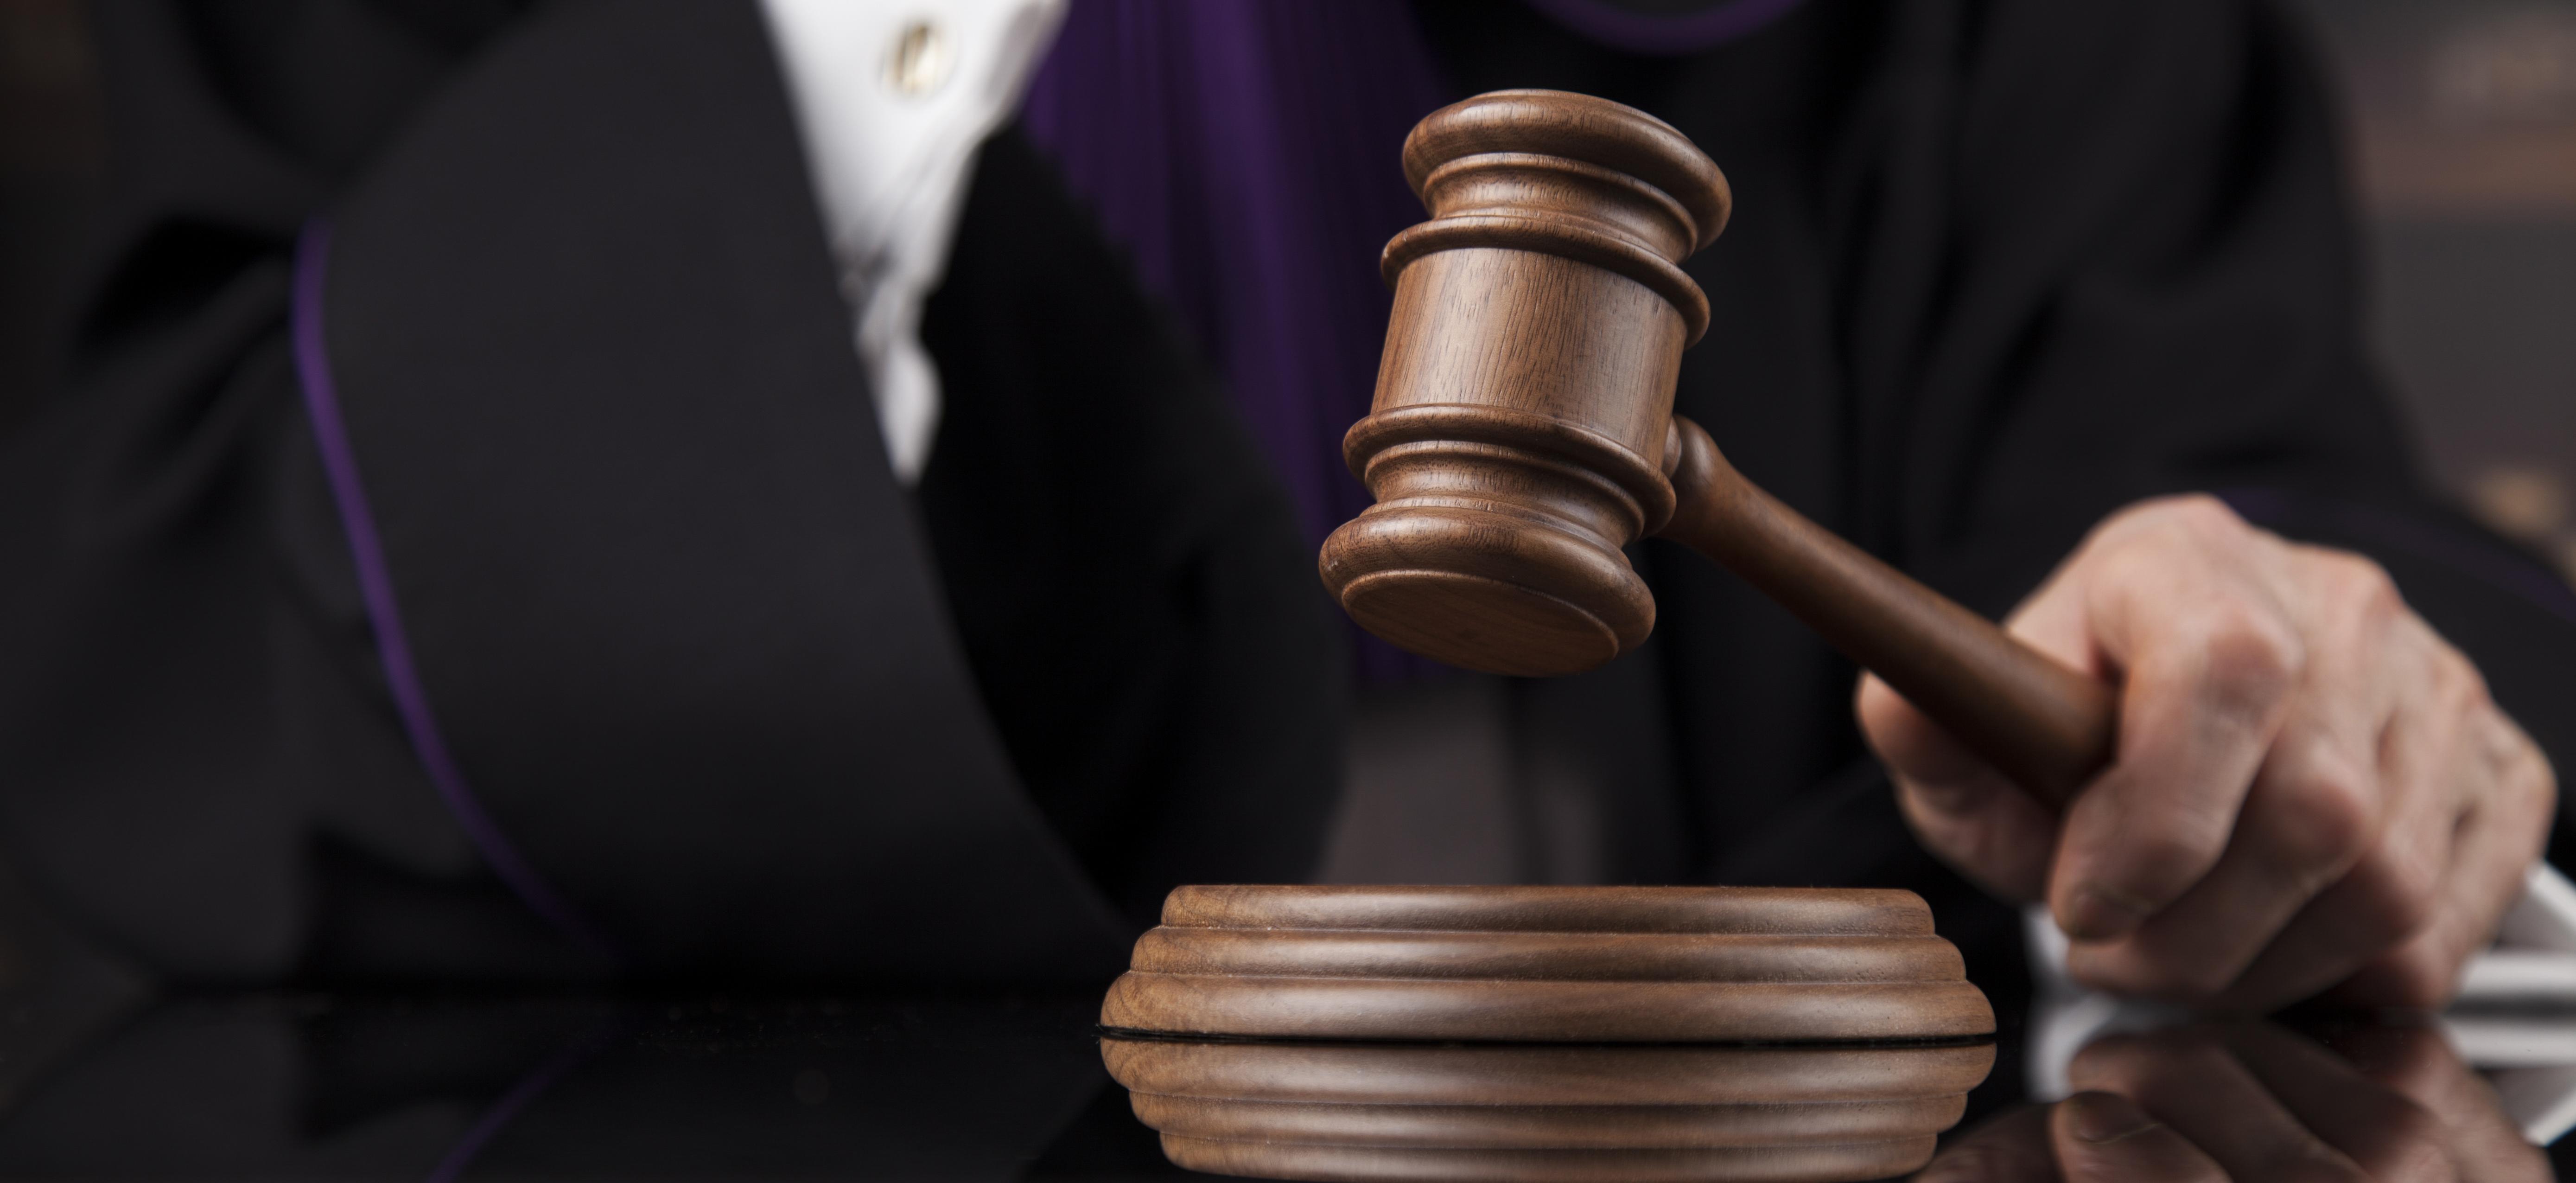 Judecătorii au anulat carantinarea comunei Gornet și au respins cererea privind daunele